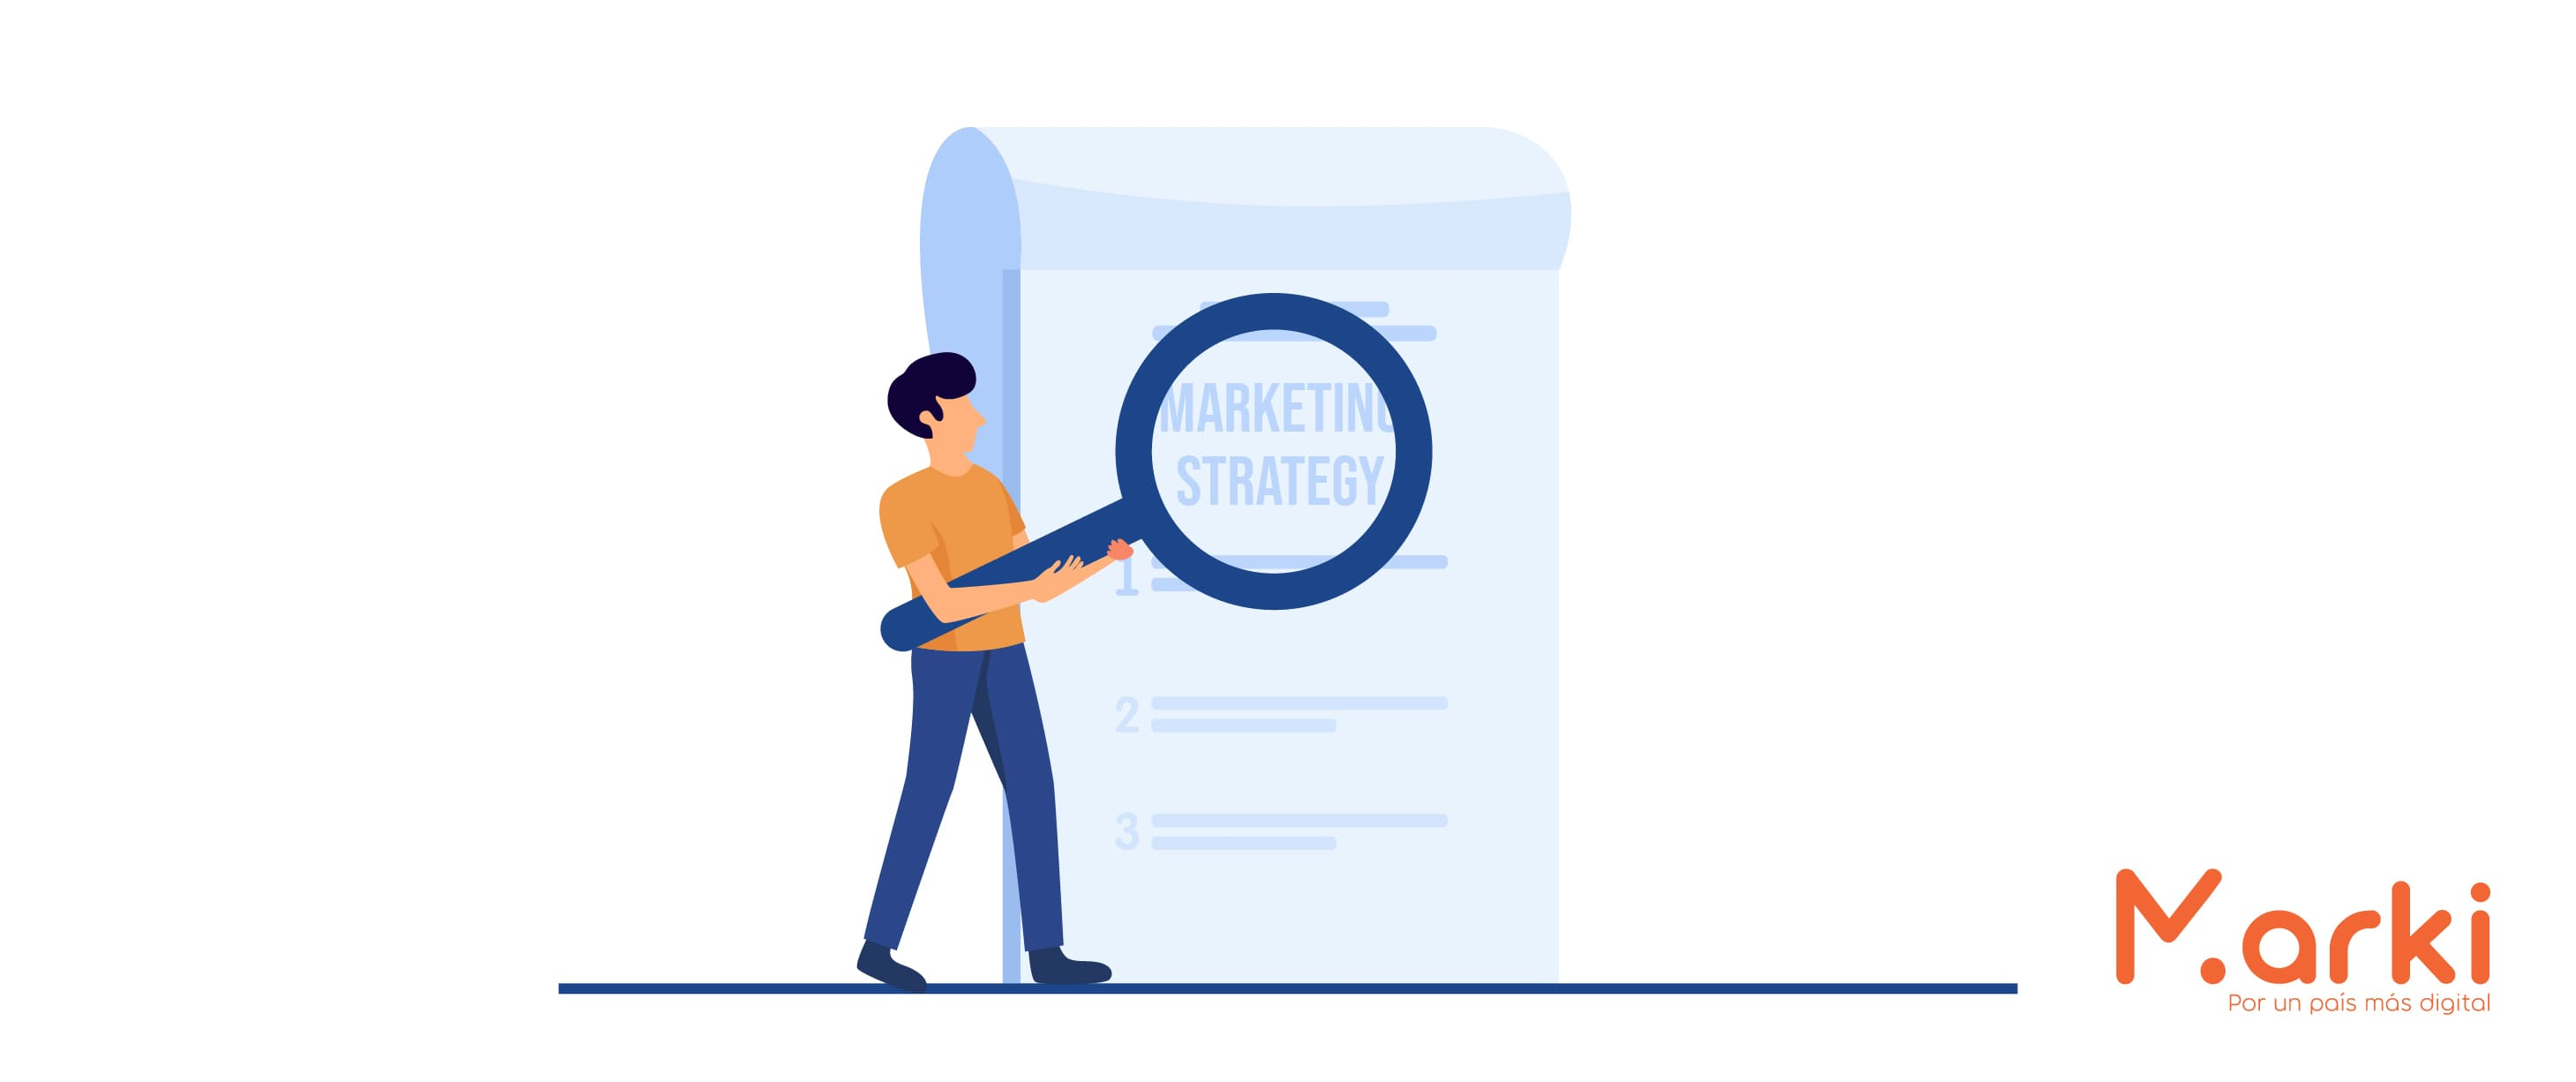 estrategia de marketingevolucion del marketing digital la evolucion del marketing digital la nueva era digital como surgio el marketing digital los negocios en la era digital voluntarios universitarios voluntariado peru voluntariado online voluntariado marki